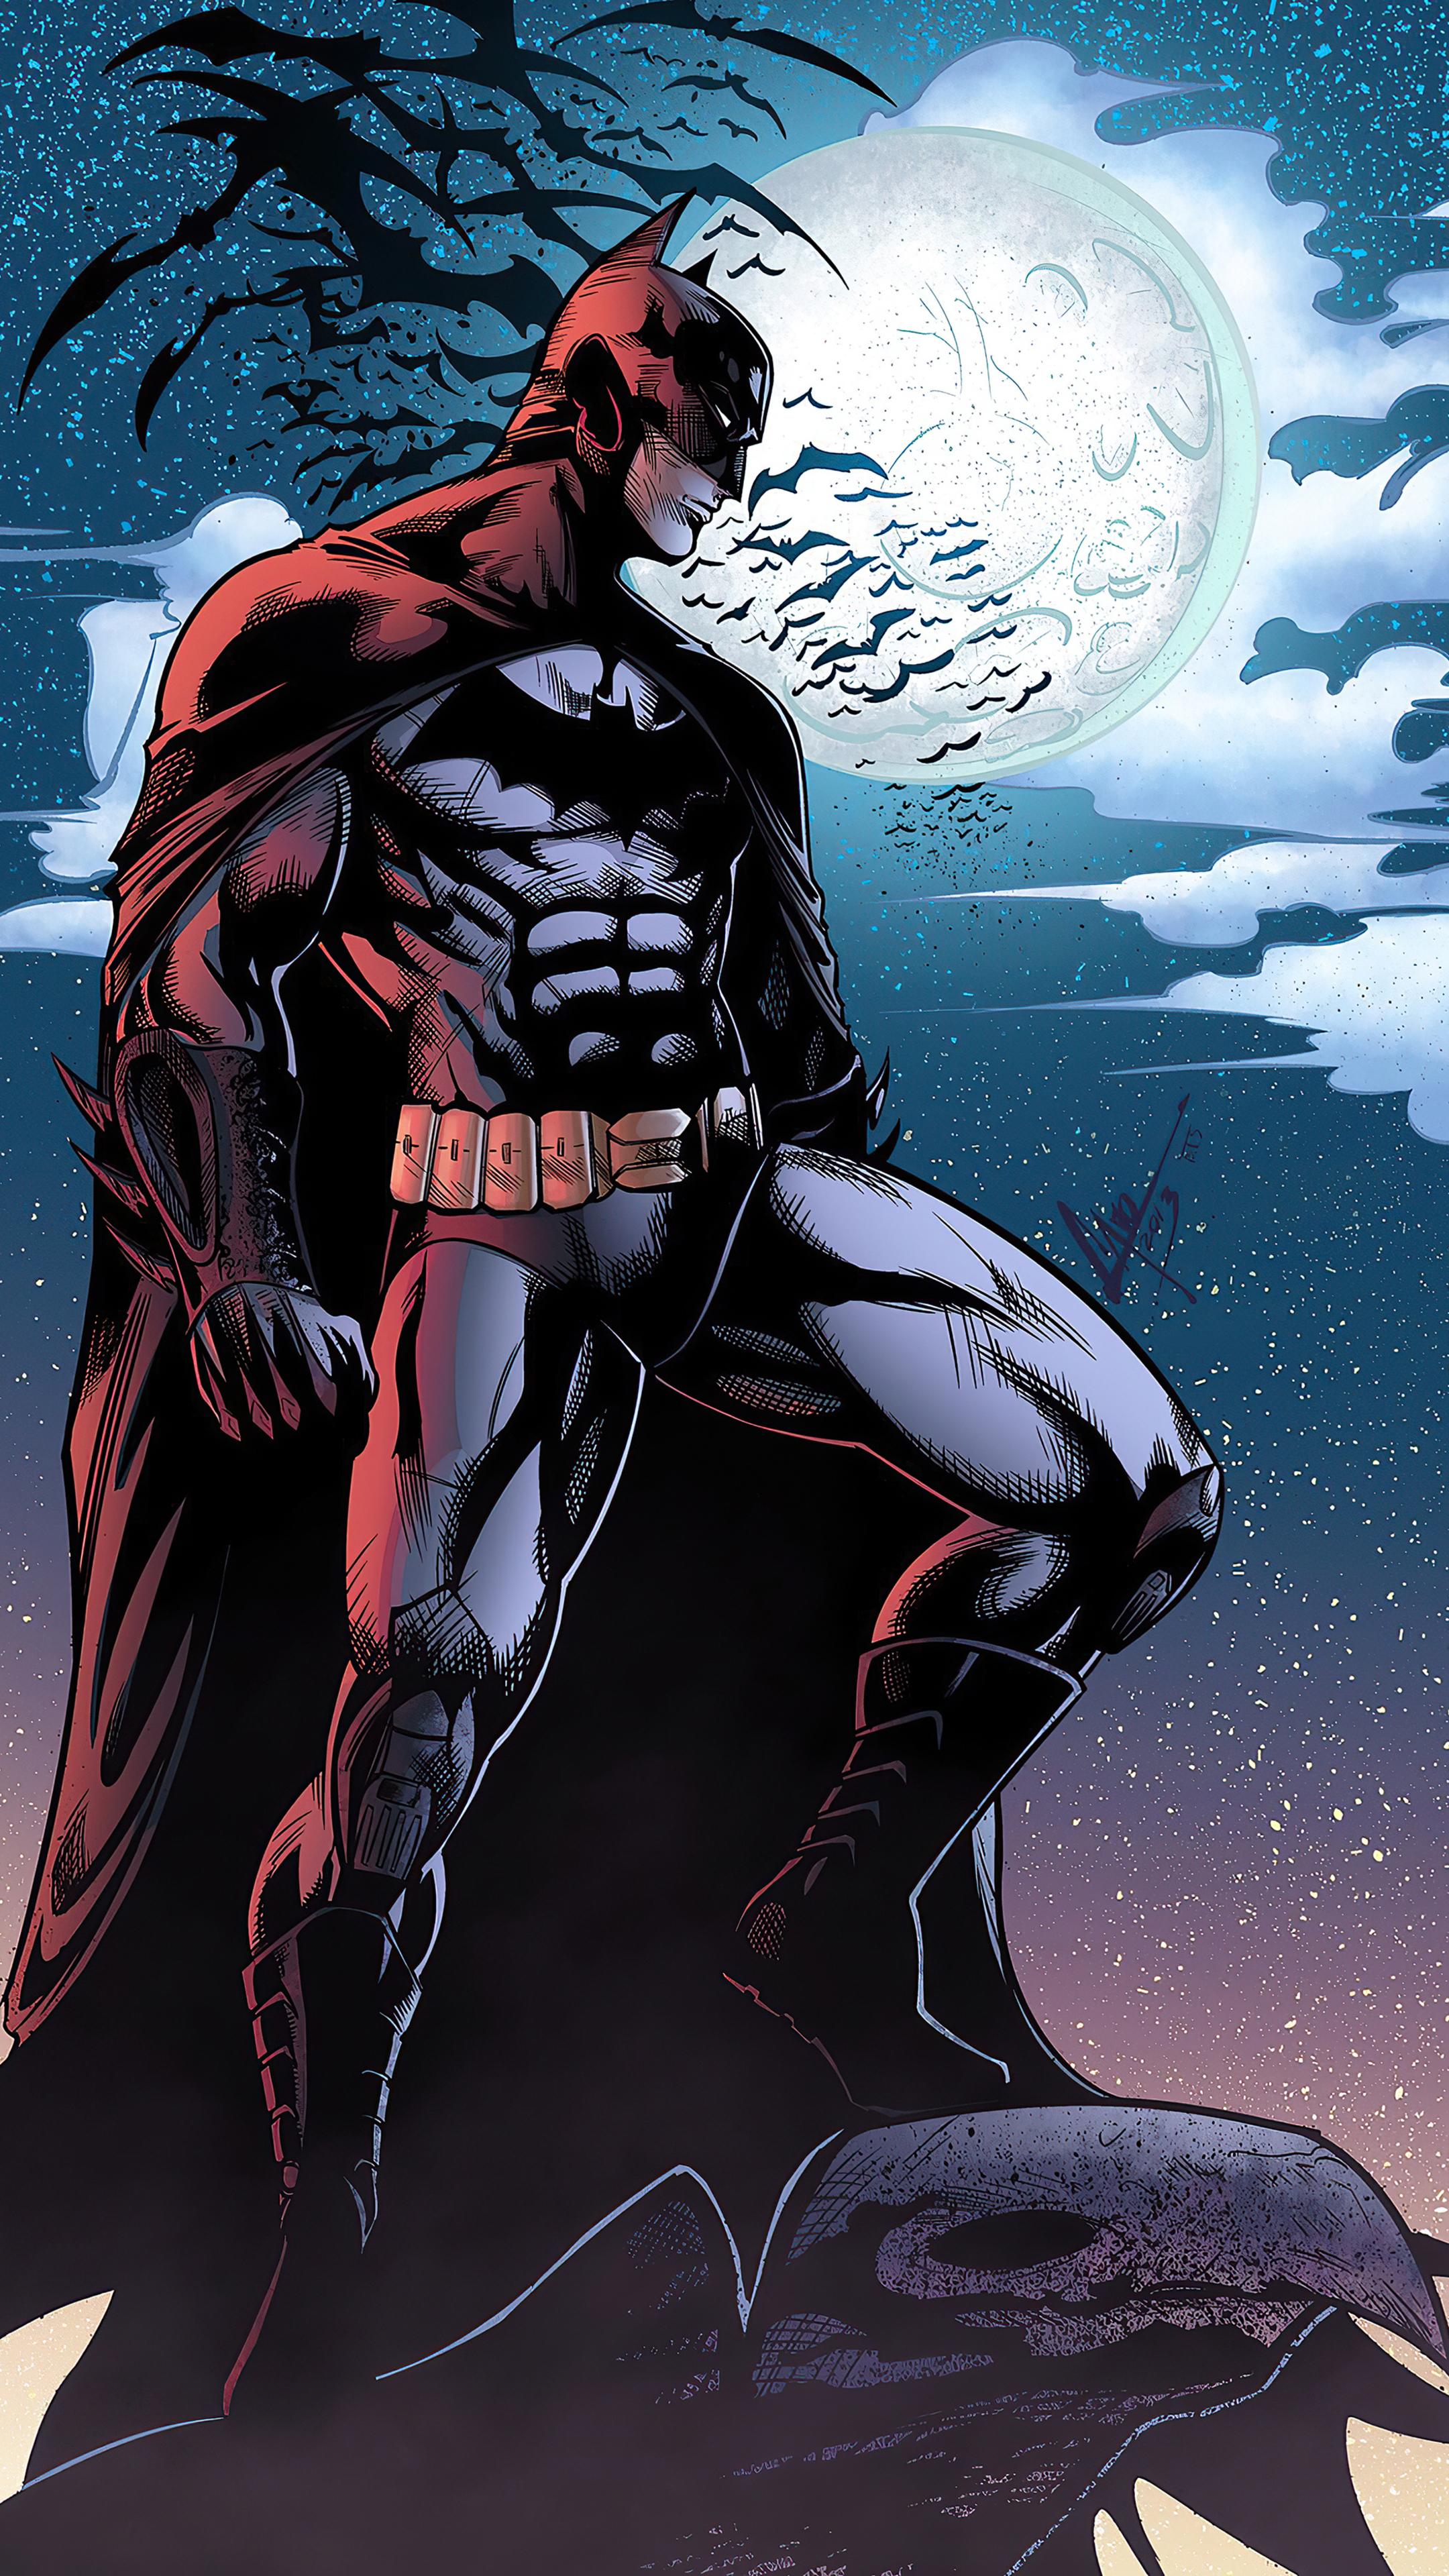 2160x3840 The Batman Knight 4k Sony Xperia X,XZ,Z5 Premium ...